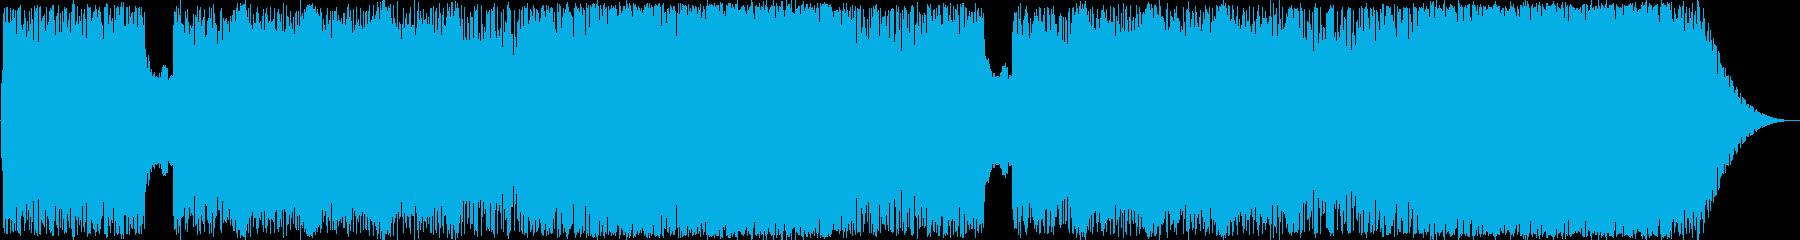 スリリングな雰囲気のヘヴィロックの再生済みの波形